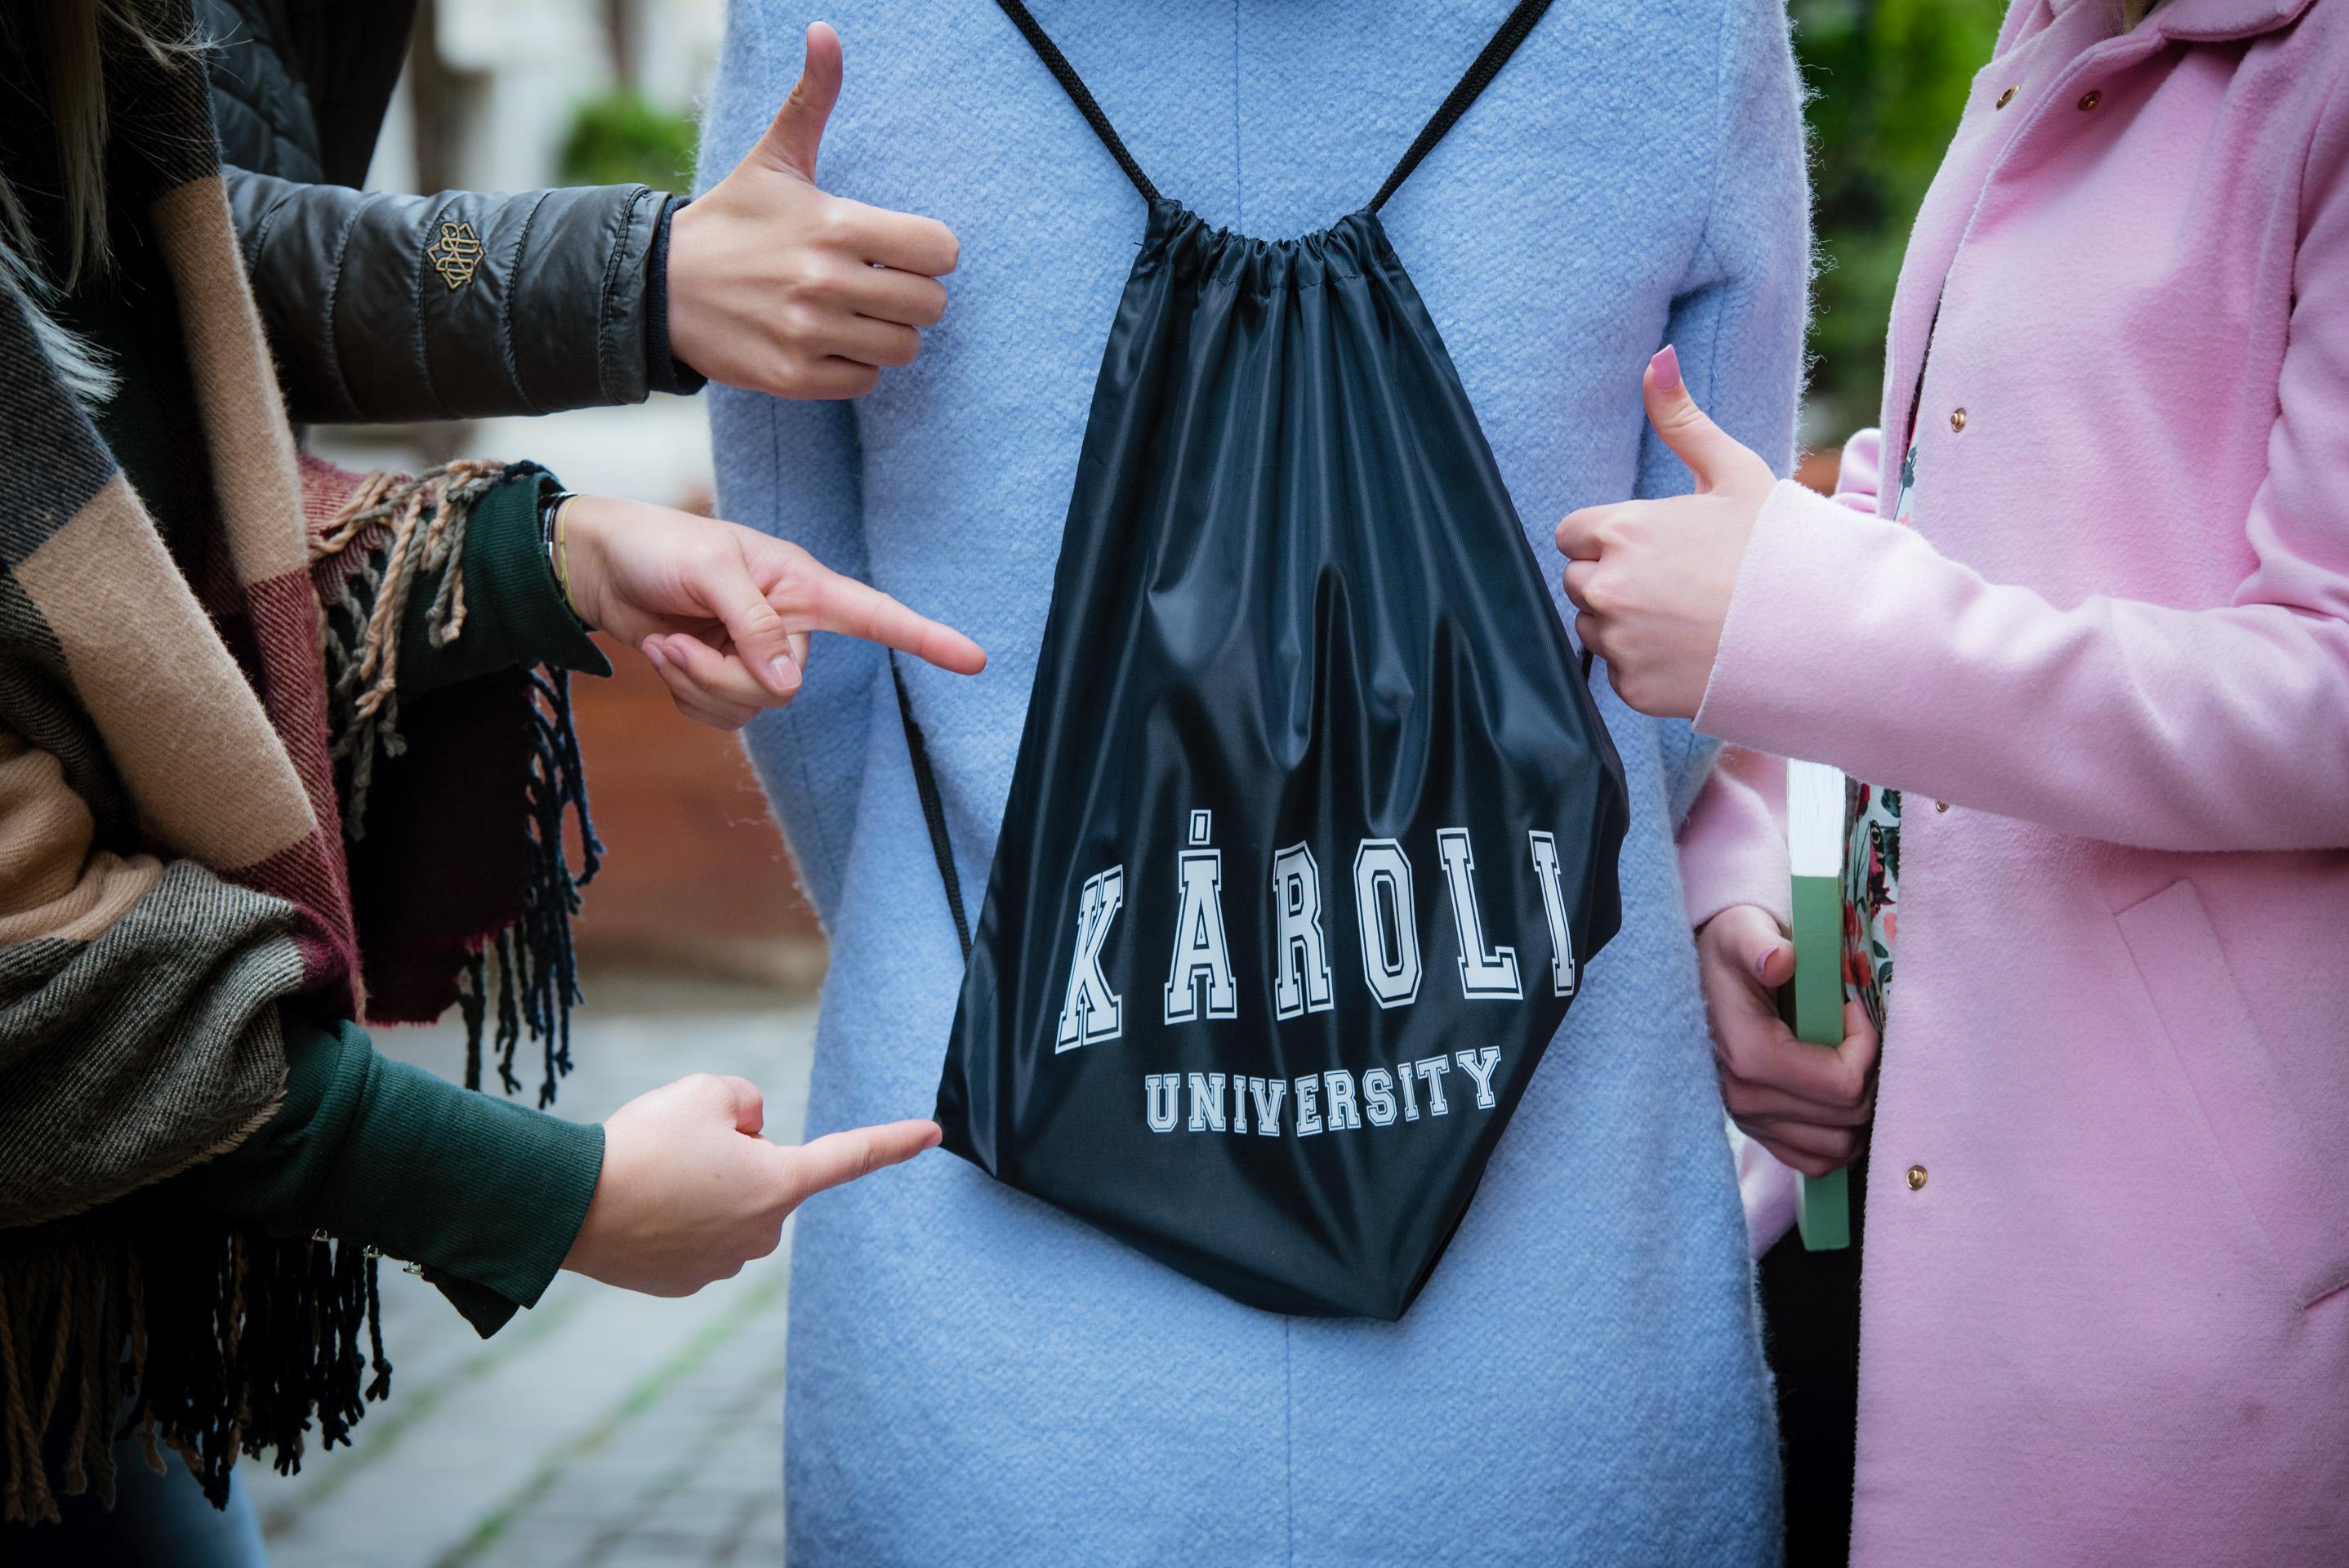 A Károli a 8. legnépszerűbb egyetem